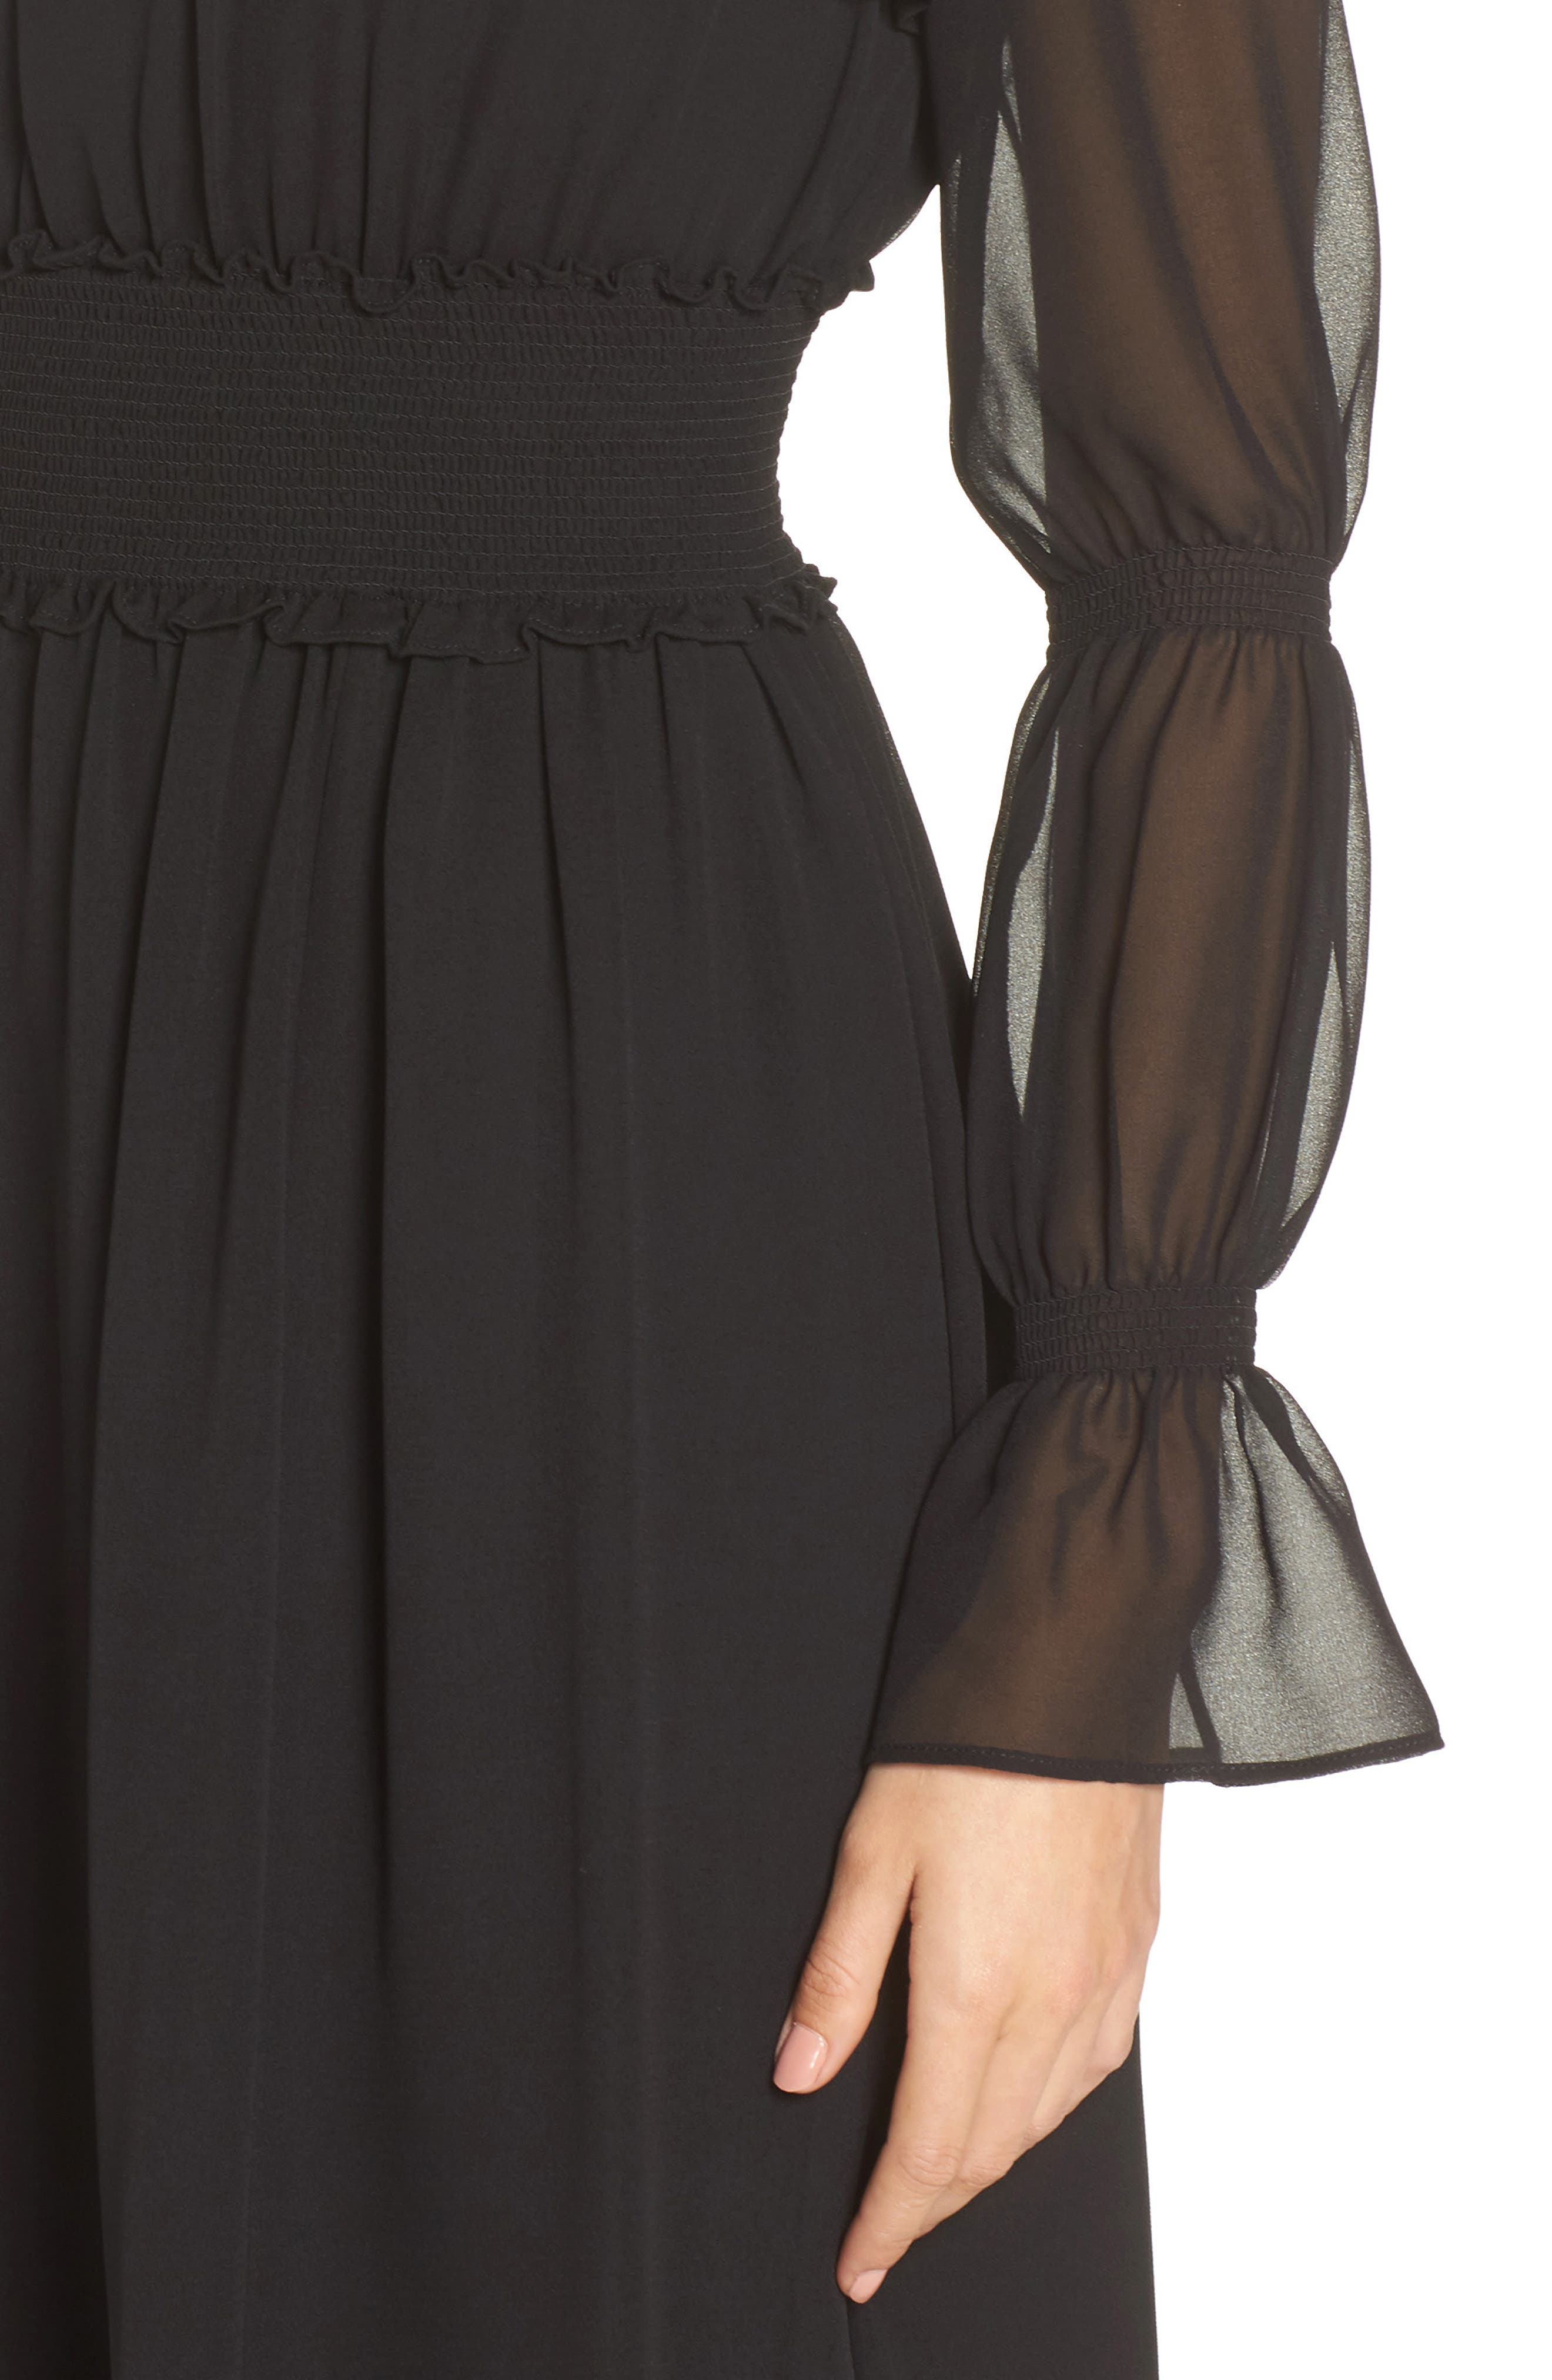 Ruffle Midi Dress,                             Alternate thumbnail 4, color,                             001